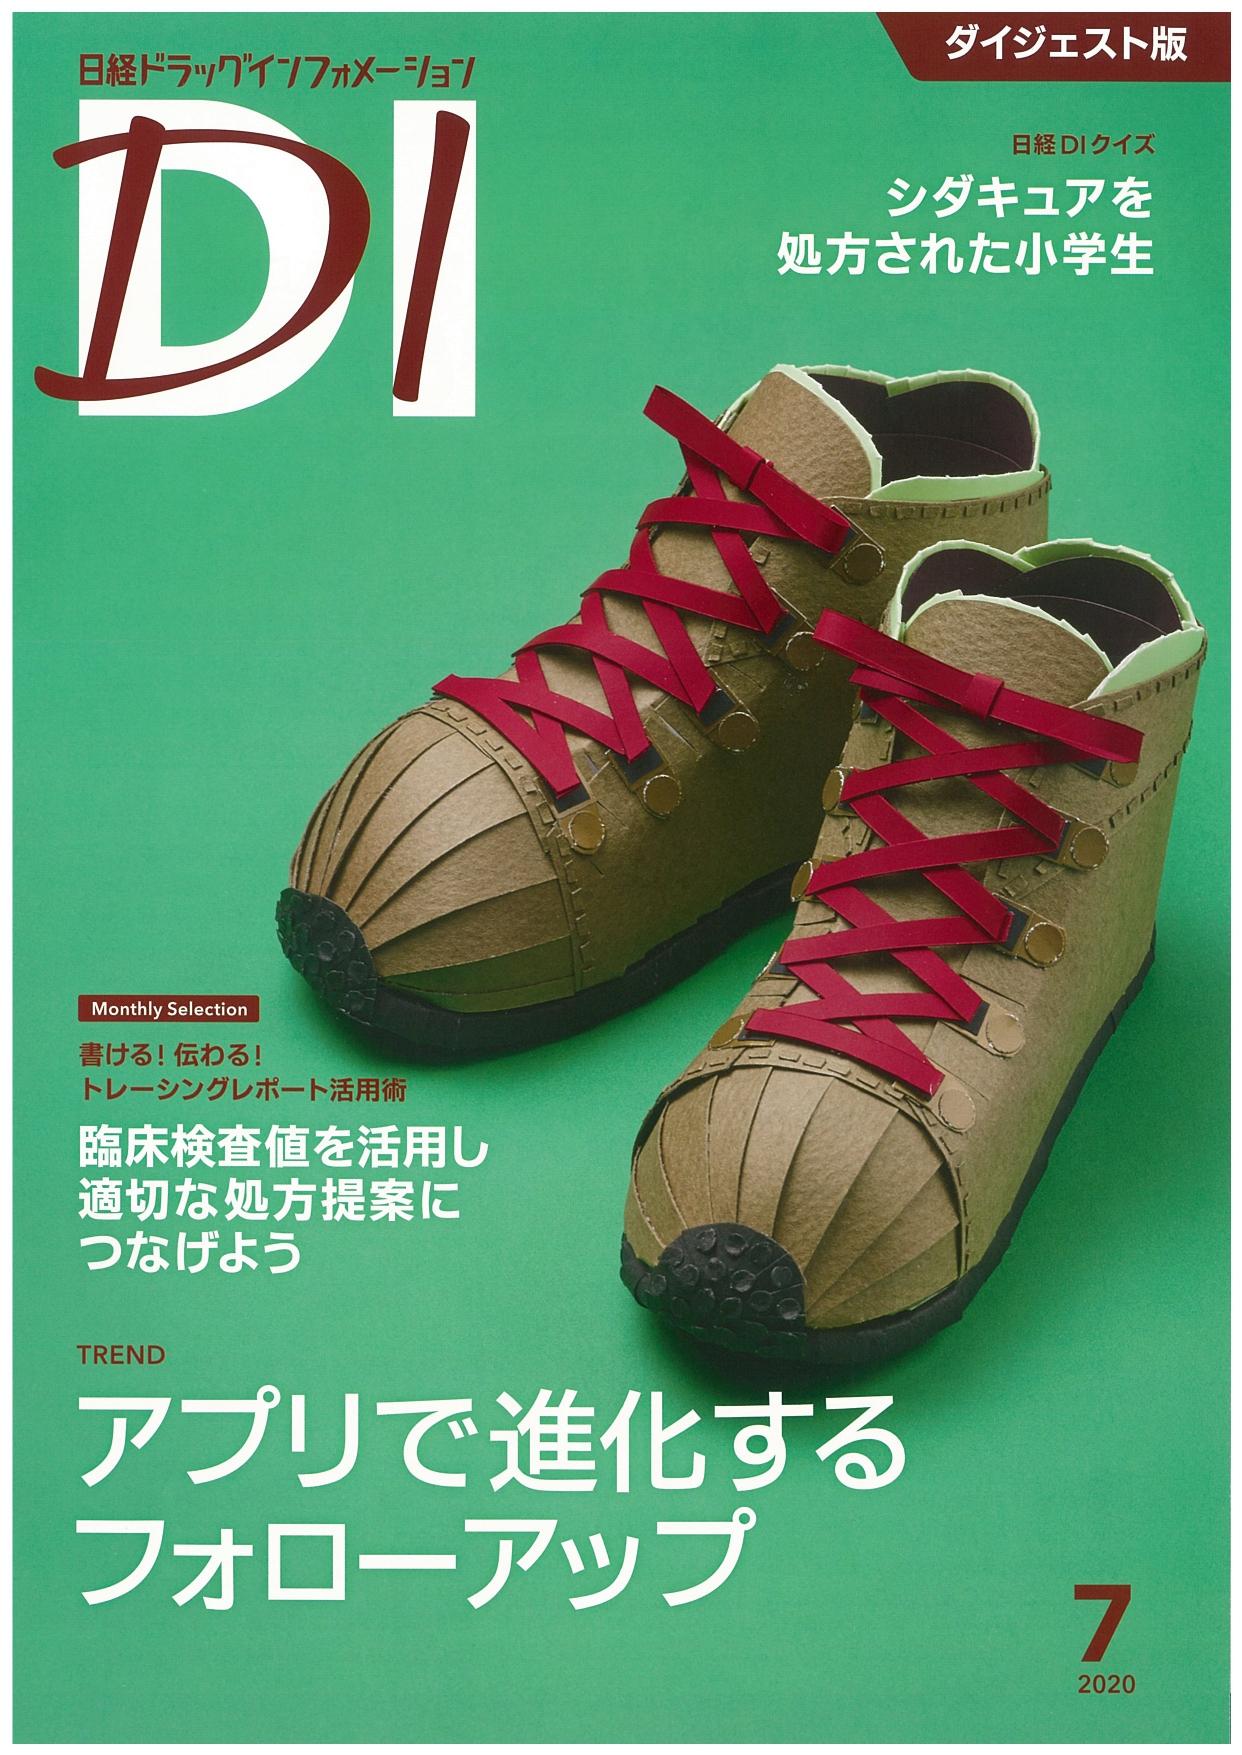 日経D1表紙